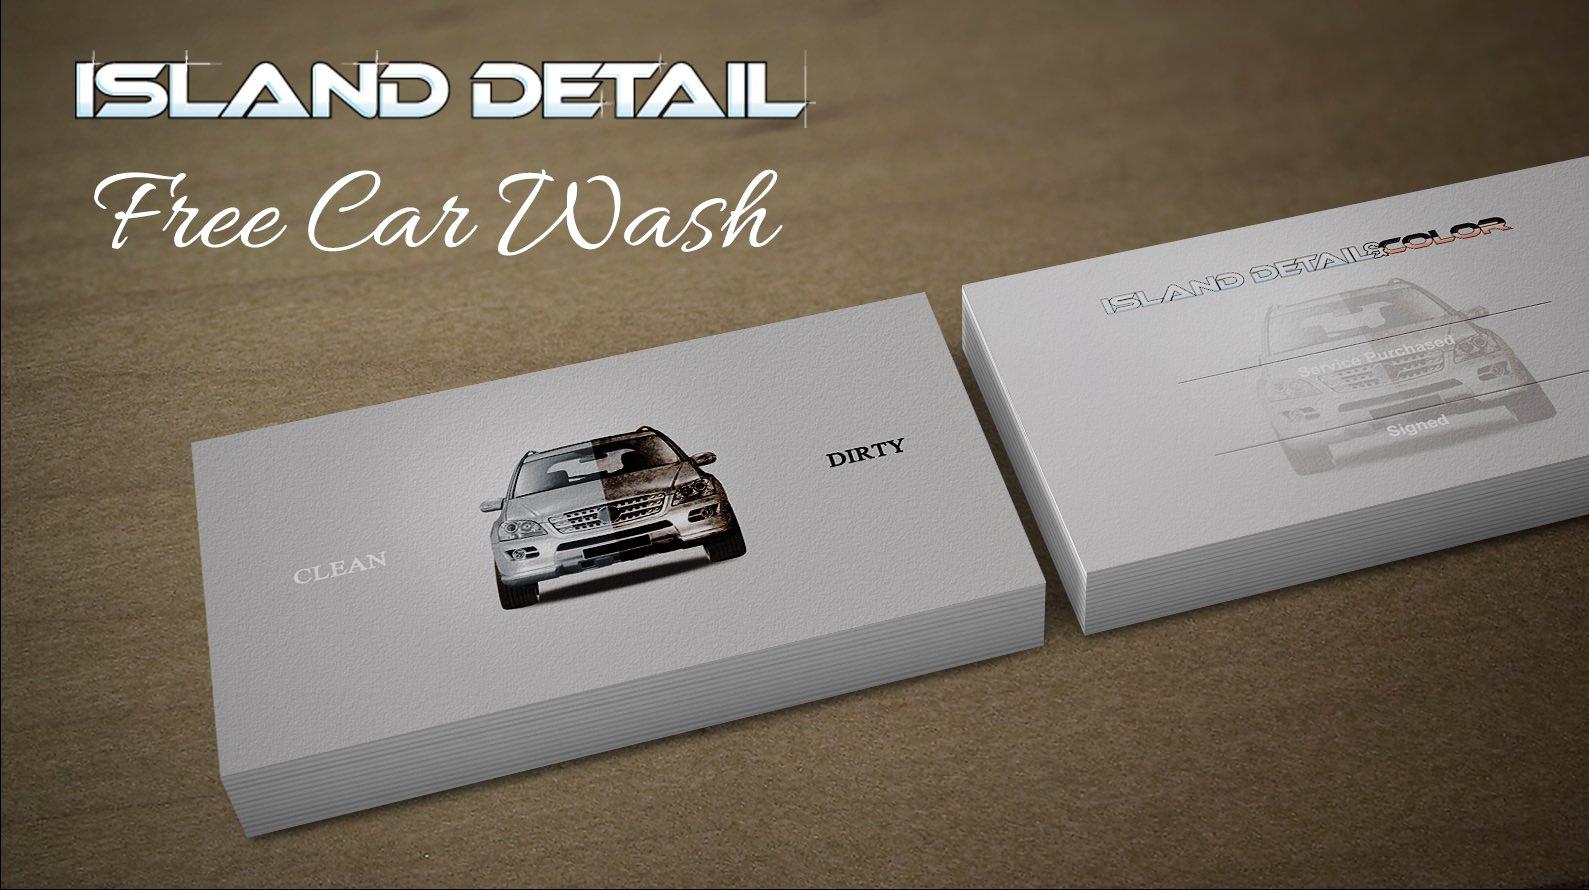 Free Car Wash Offer